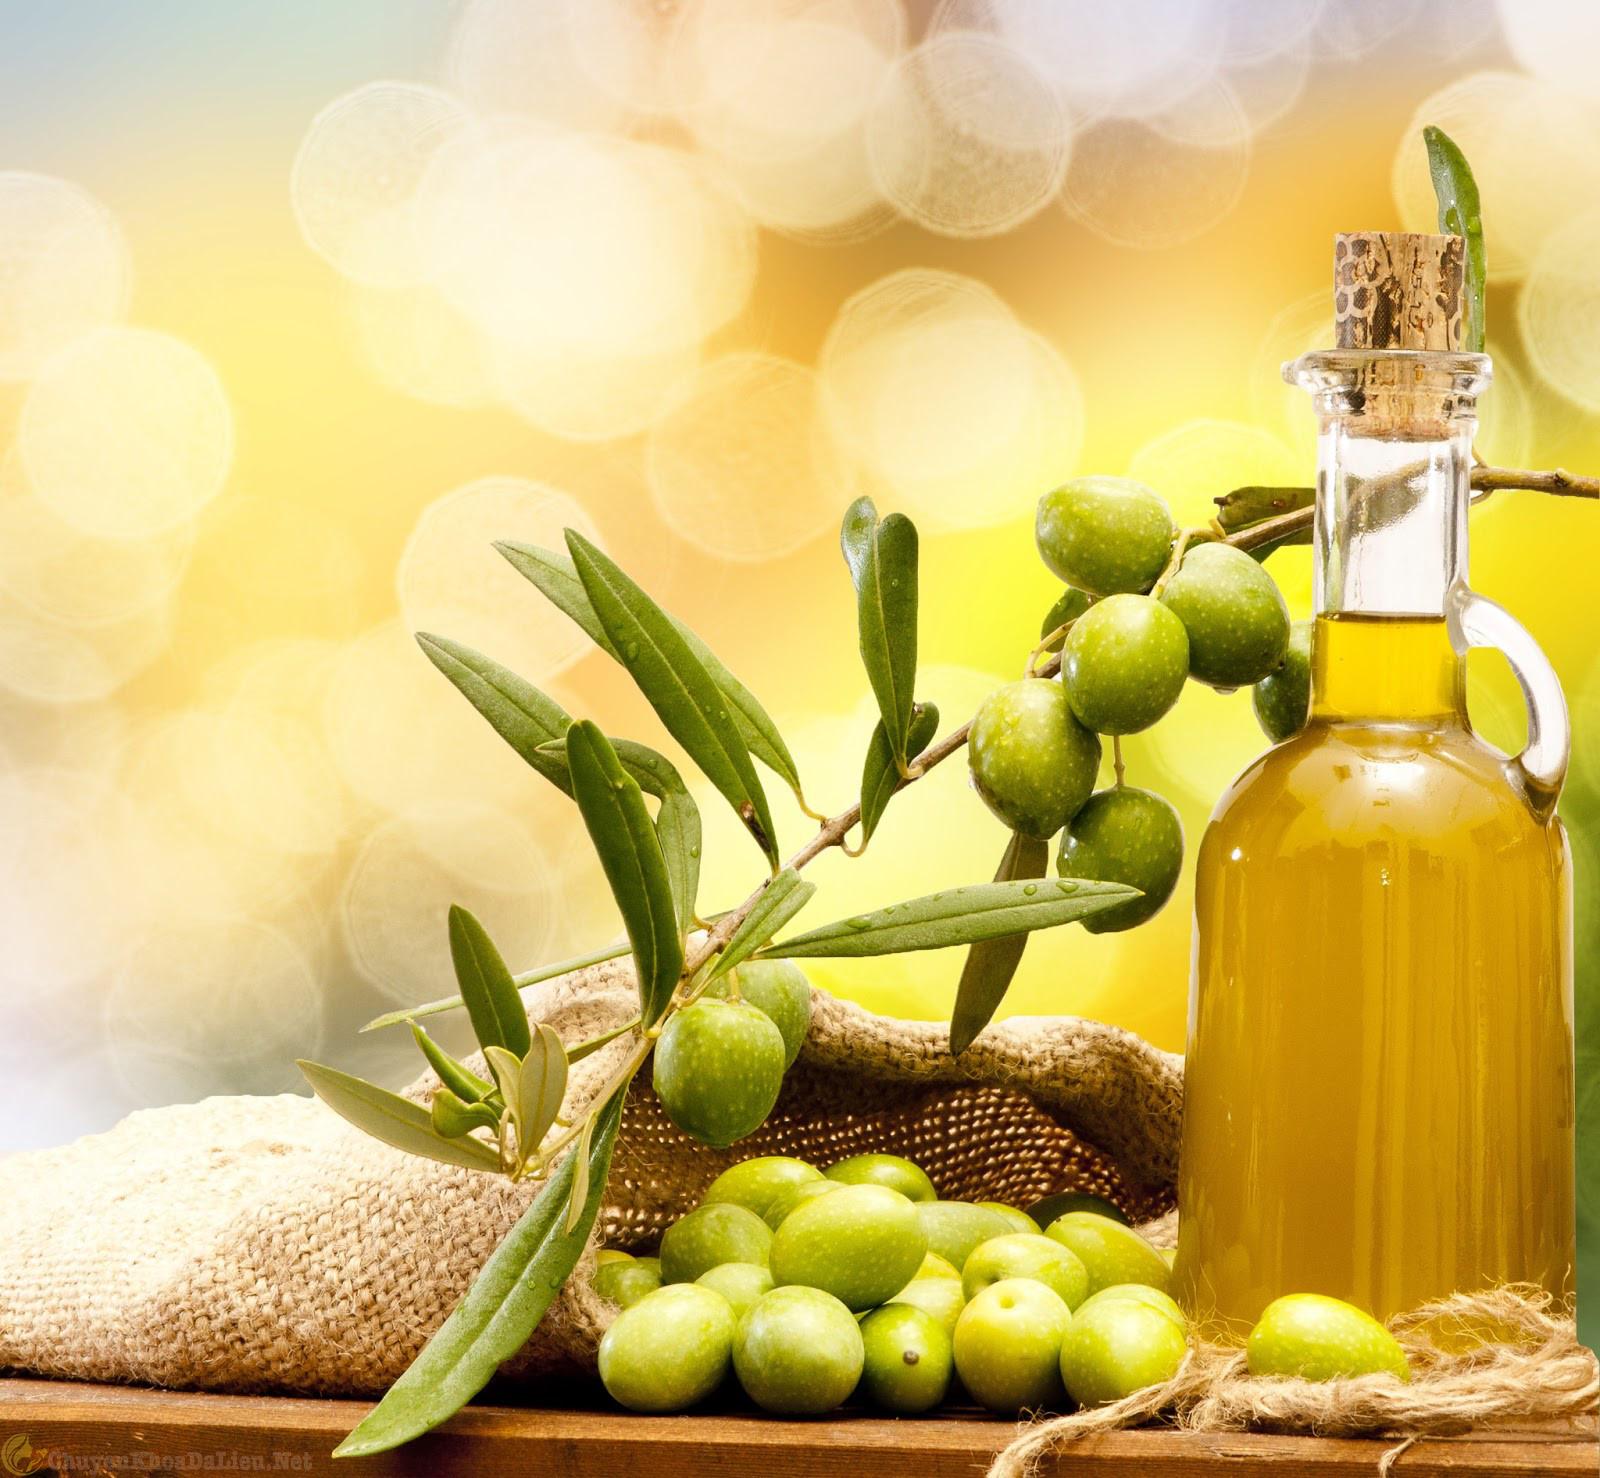 dầu oliu giữ ẩm cho người bị vẩy nến